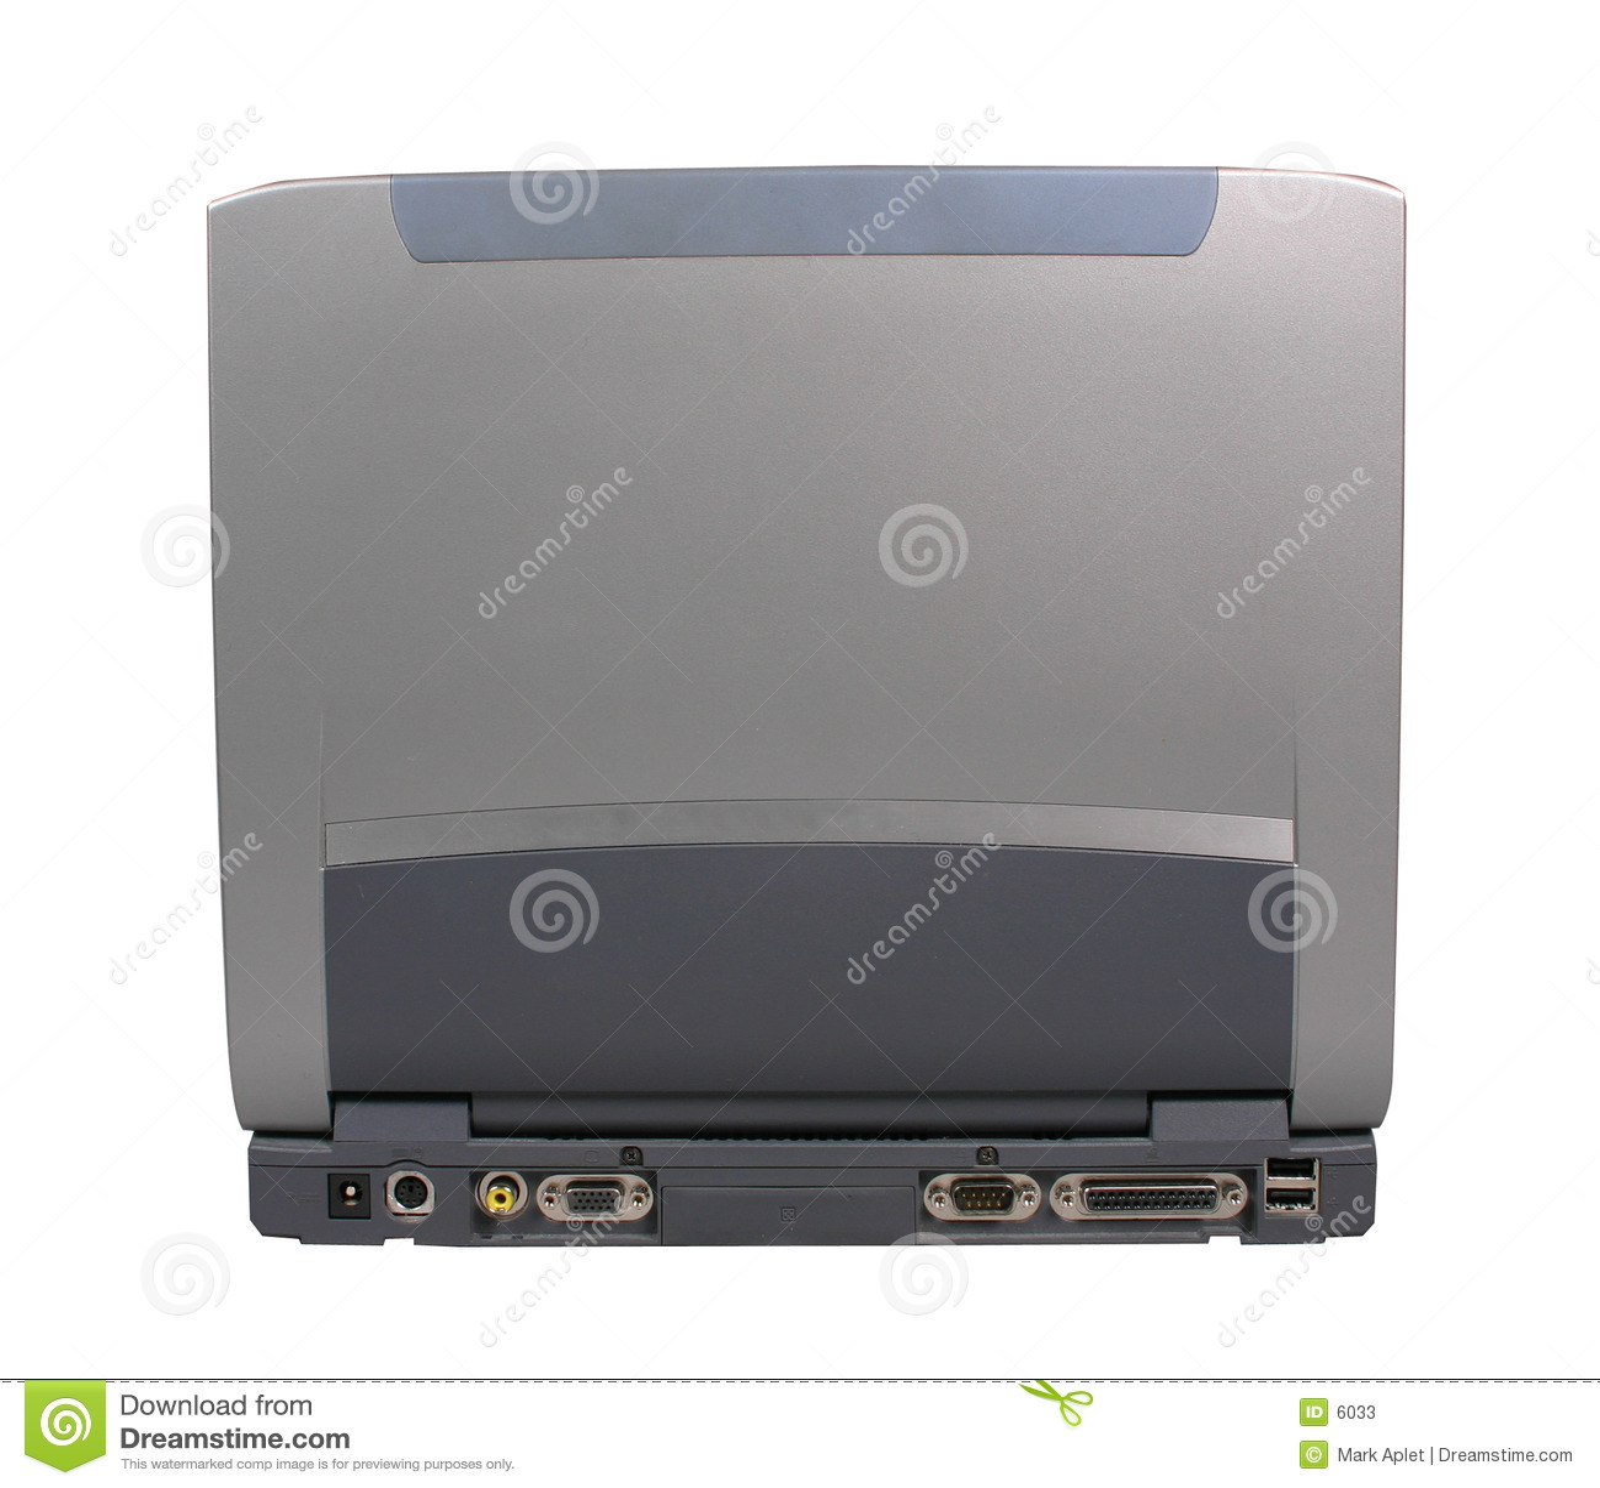 Mueva hacia atrás de la computadora portátil